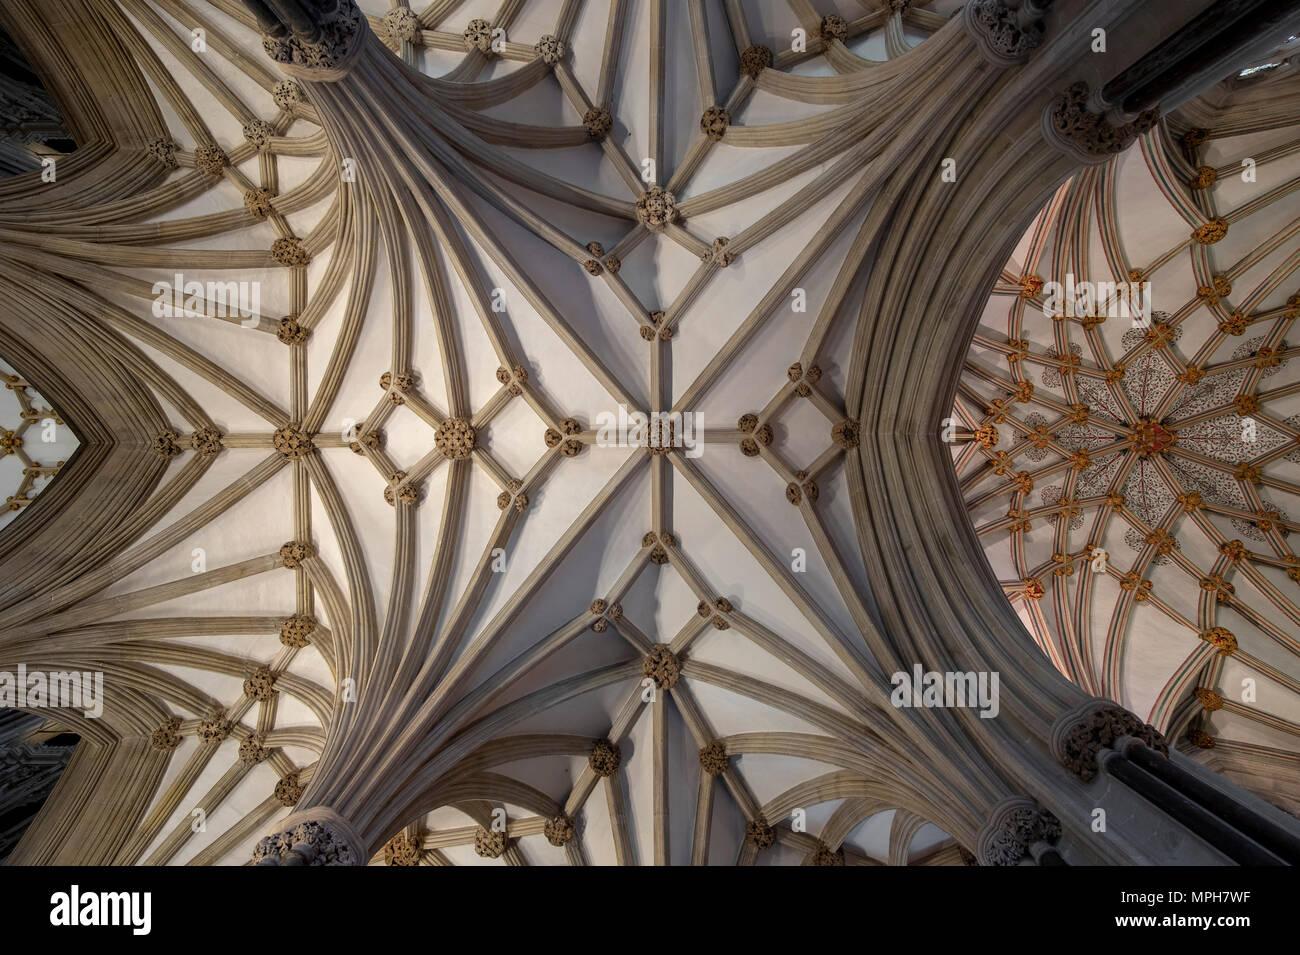 Wells, Cathedral, Gewölbe der Marienkapelle (Lady Chapel, rechts) und Retrochor - Stock Image